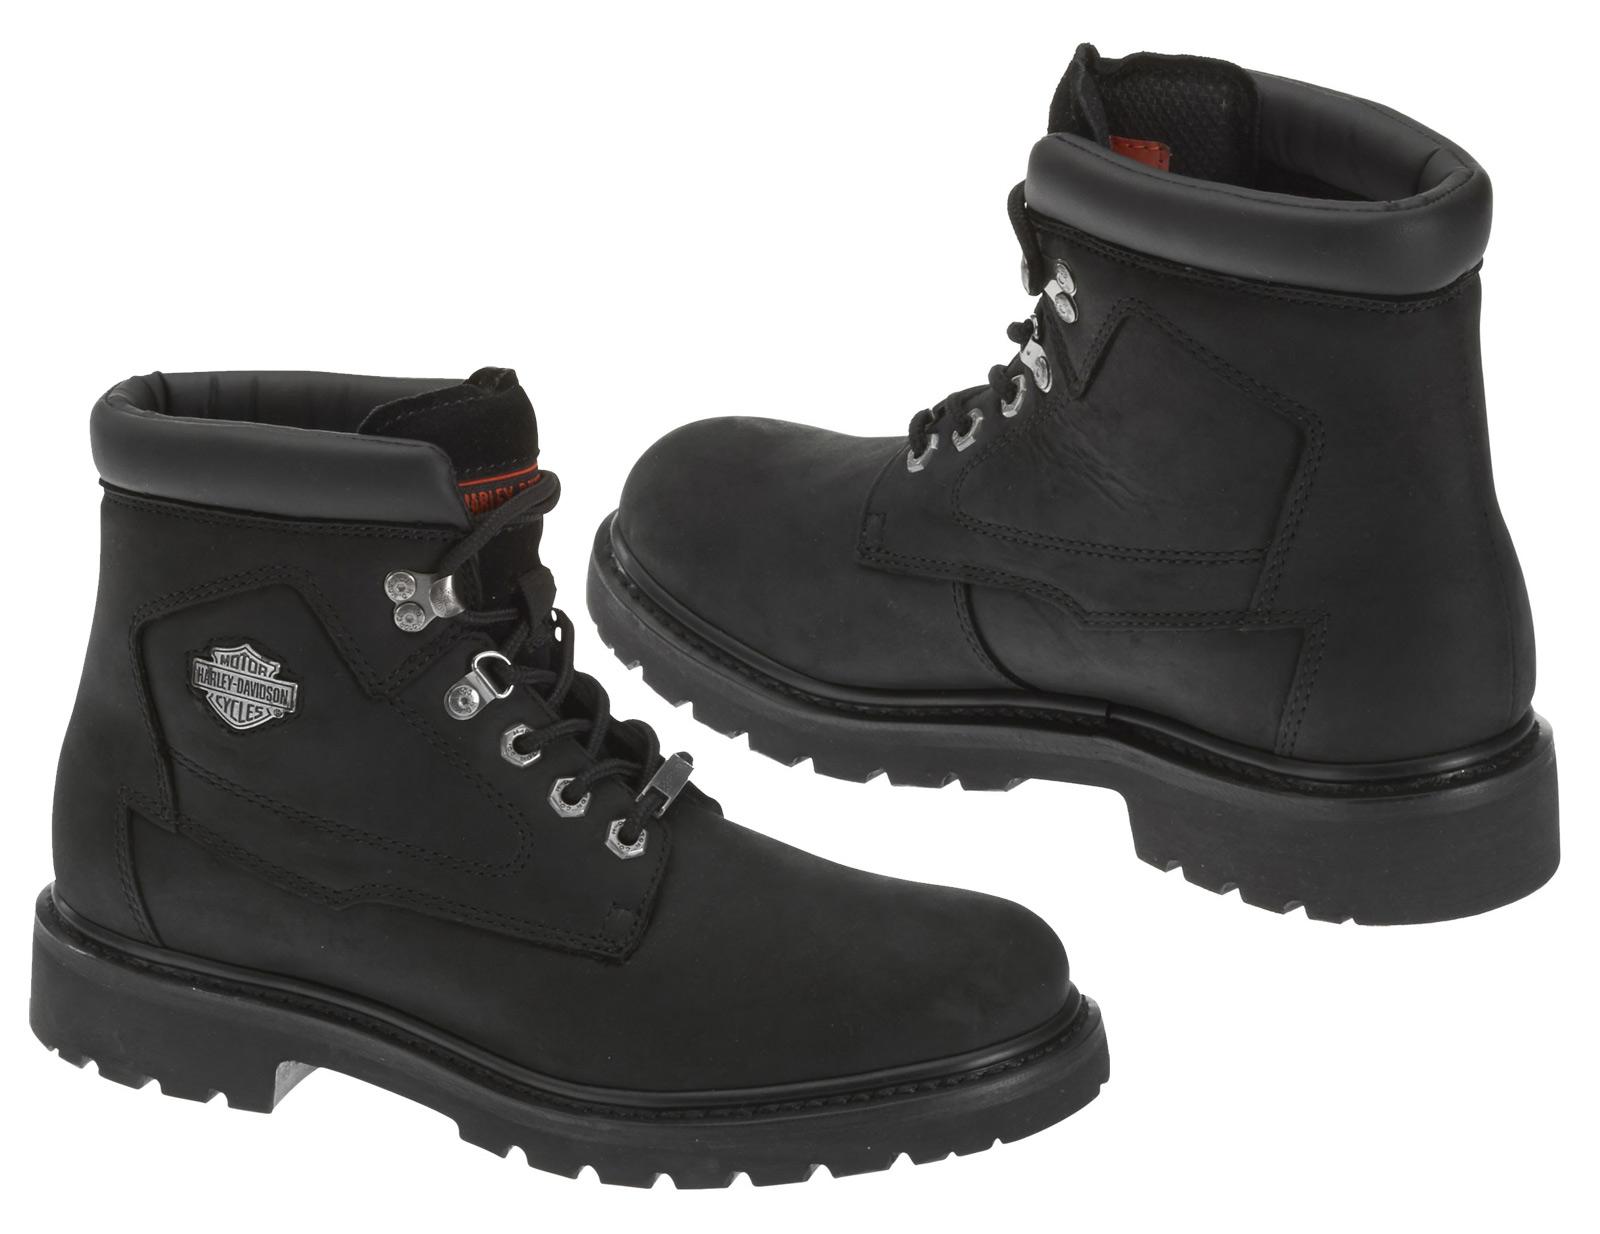 Harley Davidson Badlands Boots